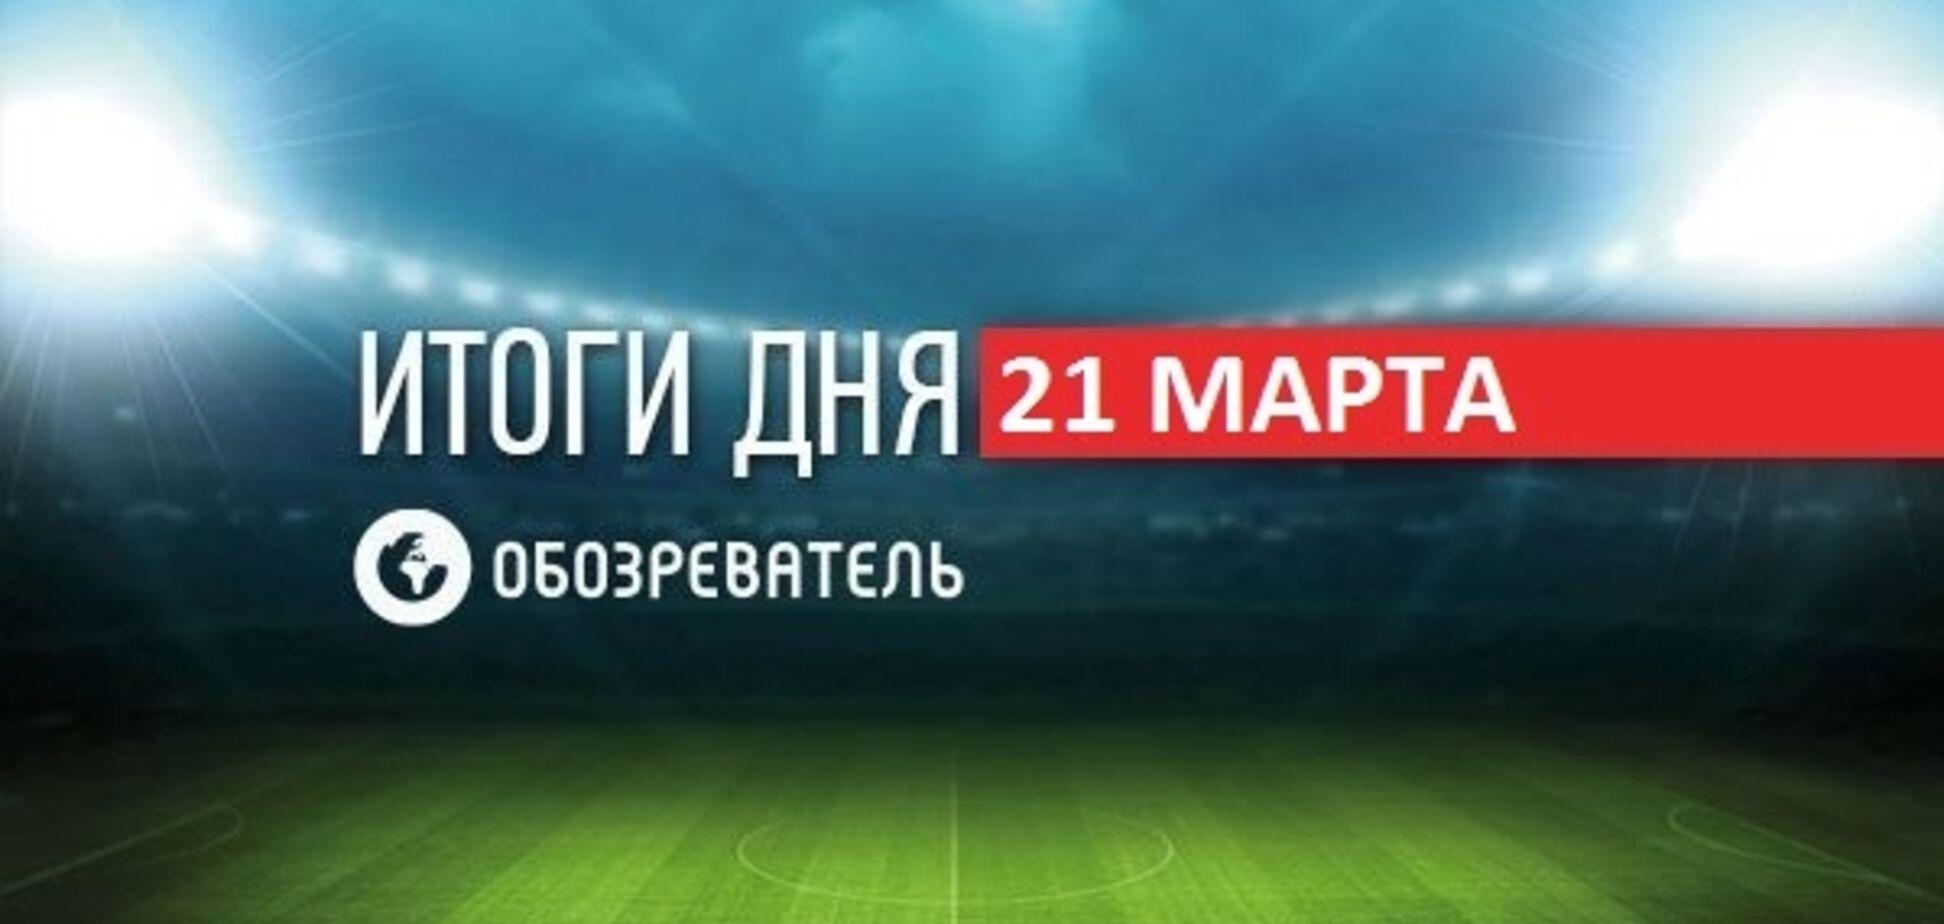 Легенда 'Динамо' Шовковський розповів про 'рак мозку': спортивні підсумки 21 березня